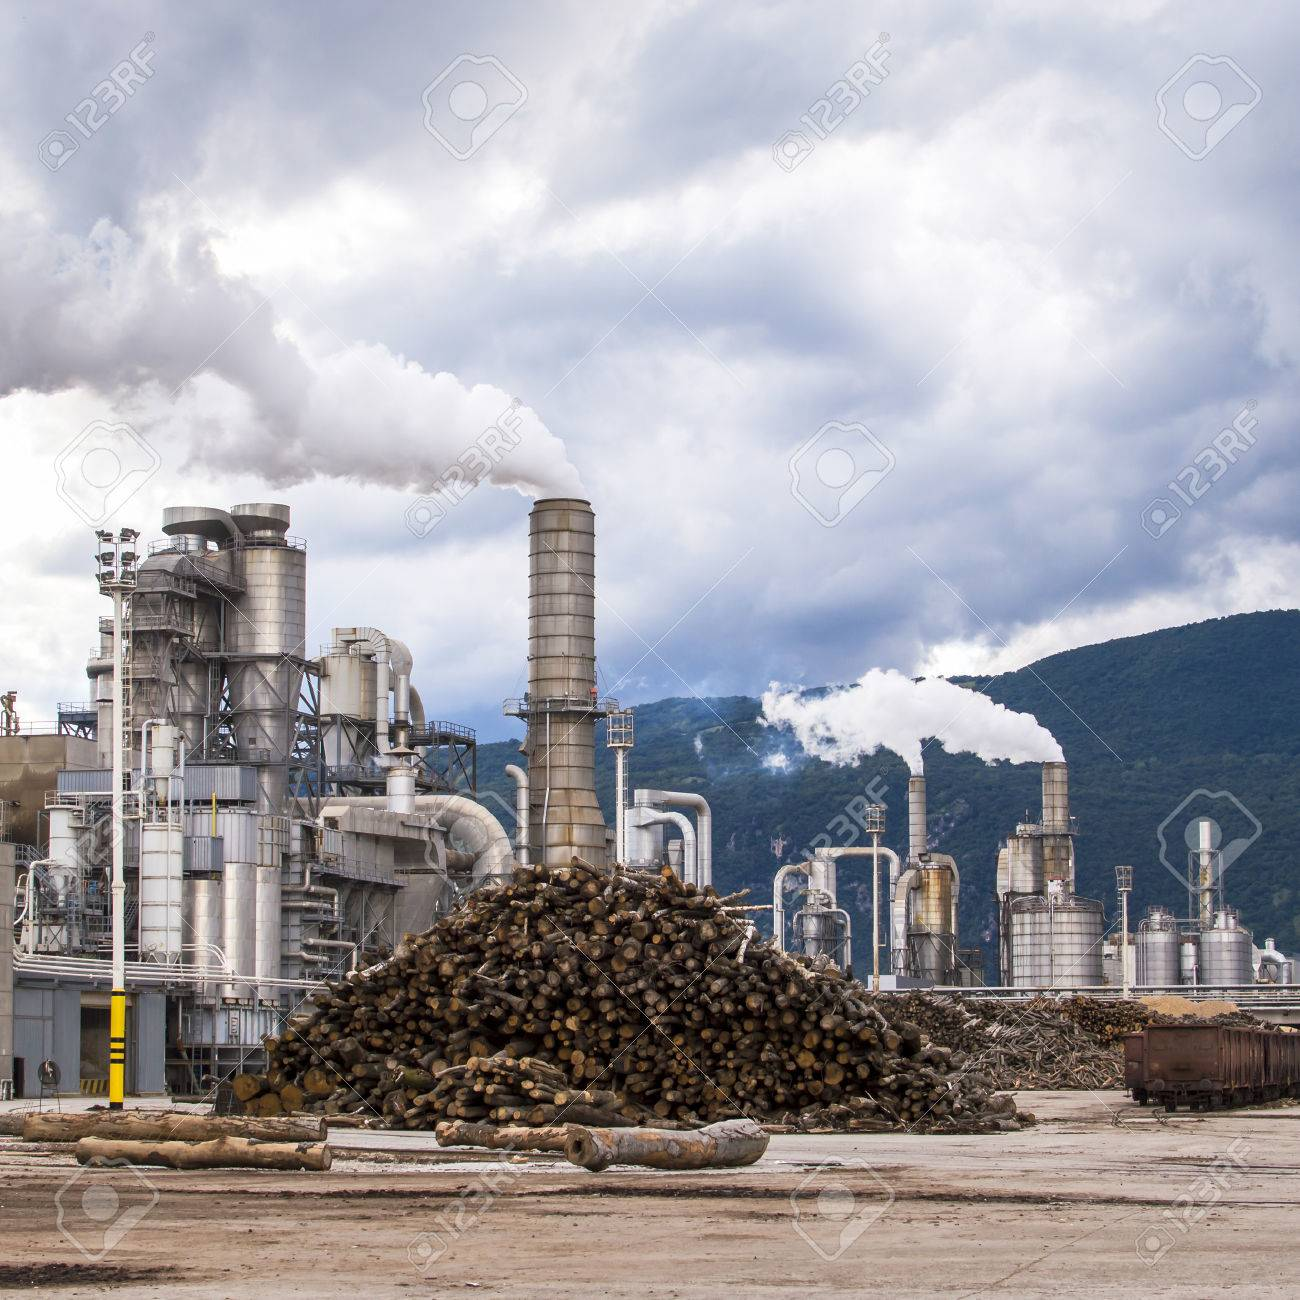 Holz Factory chemiewerk holz factory chimney silos stämme wagen schiene